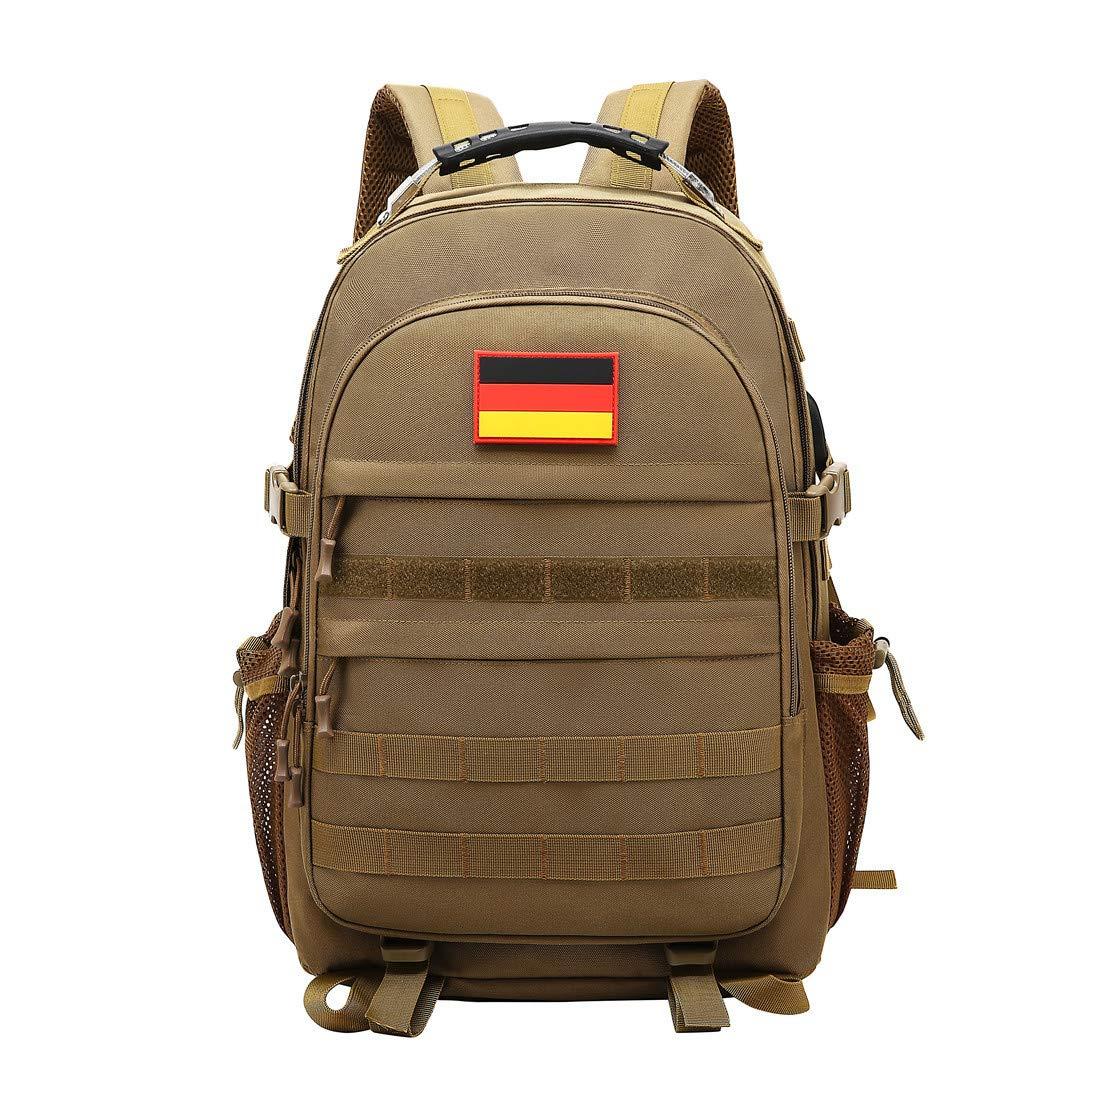 JOTHIN Taktischer Rucksack Herren Sport Backpack Outdoor Tagesrucksack Wasserdicht Armyrucksack Oxford-Tuch Rucksäcke mit USB für Survival Militär (40L) B07L9RBRMM Trekkingruckscke Zuverlässige Qualität